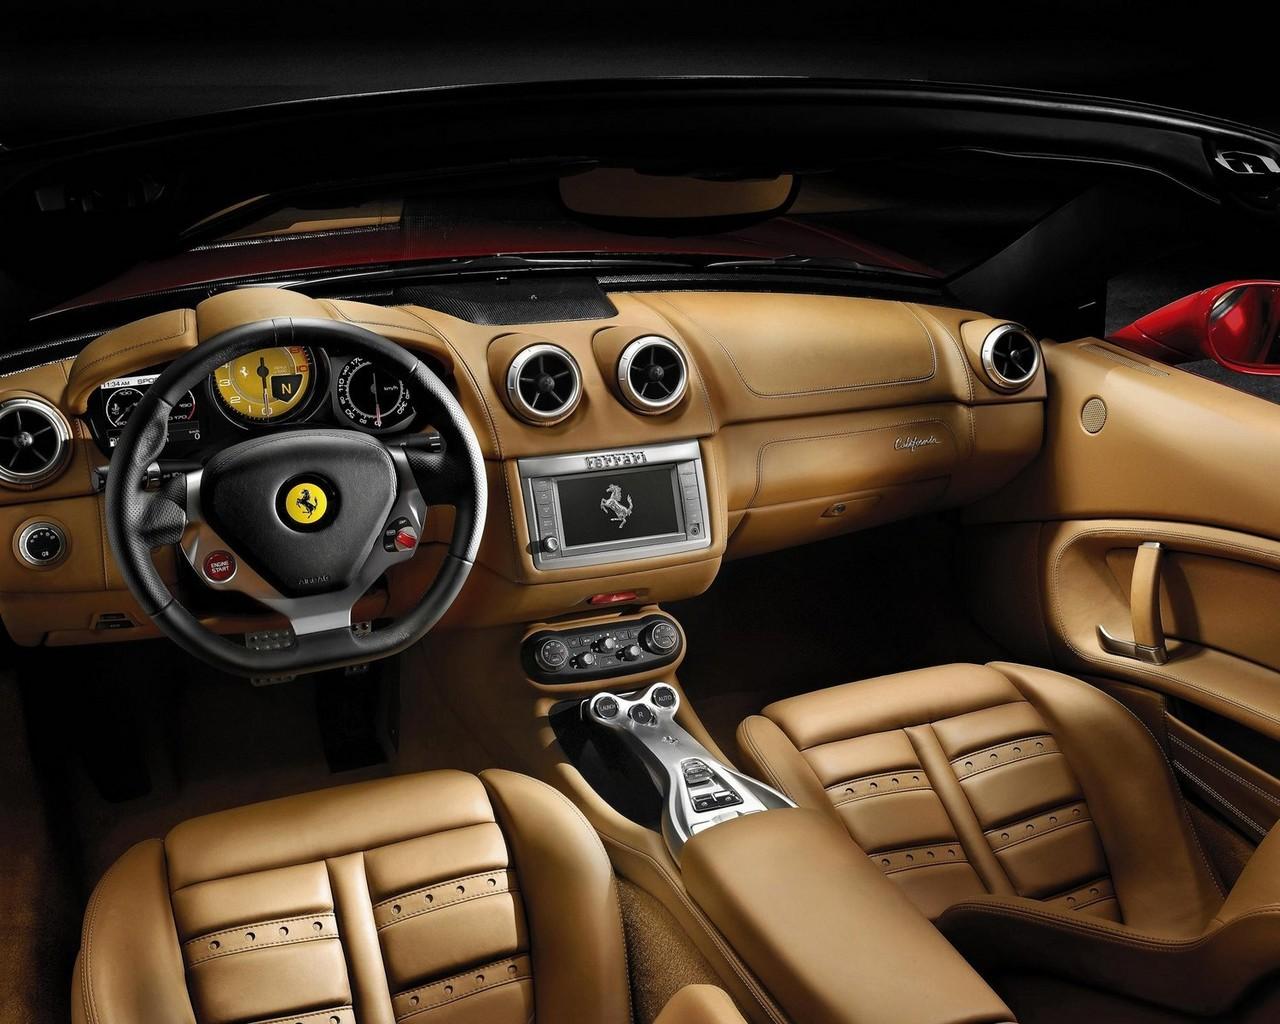 Салон Ferrari фото, скачать в высоком разрешении